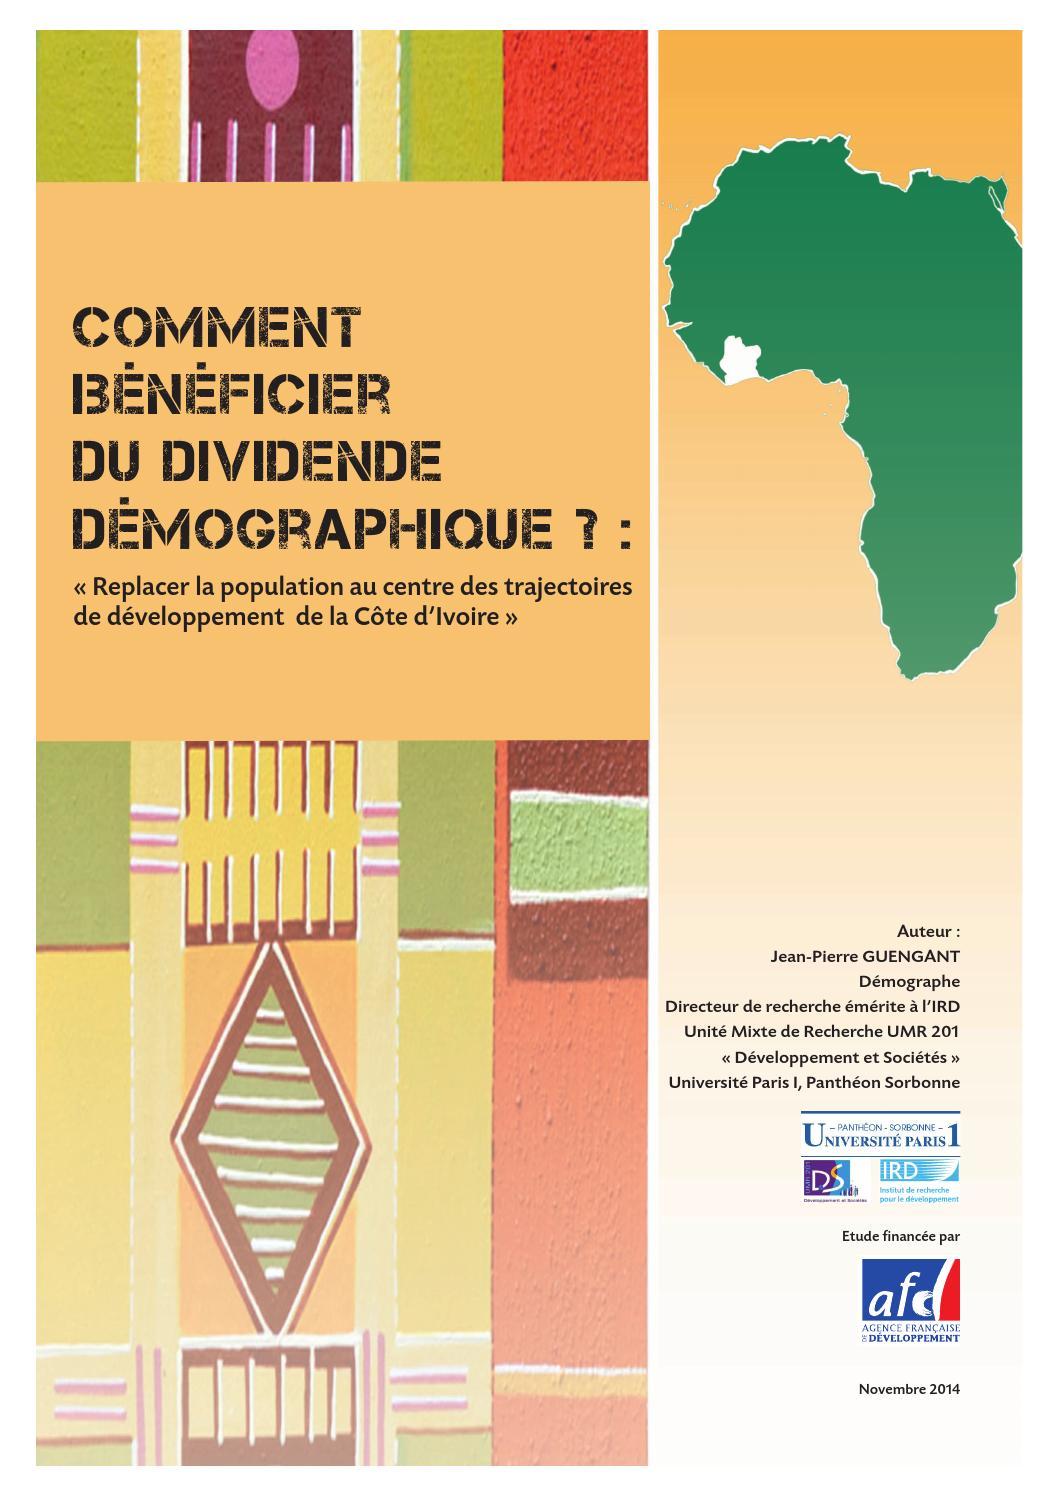 Comment bénéficier du dividende démographique ? by Agence